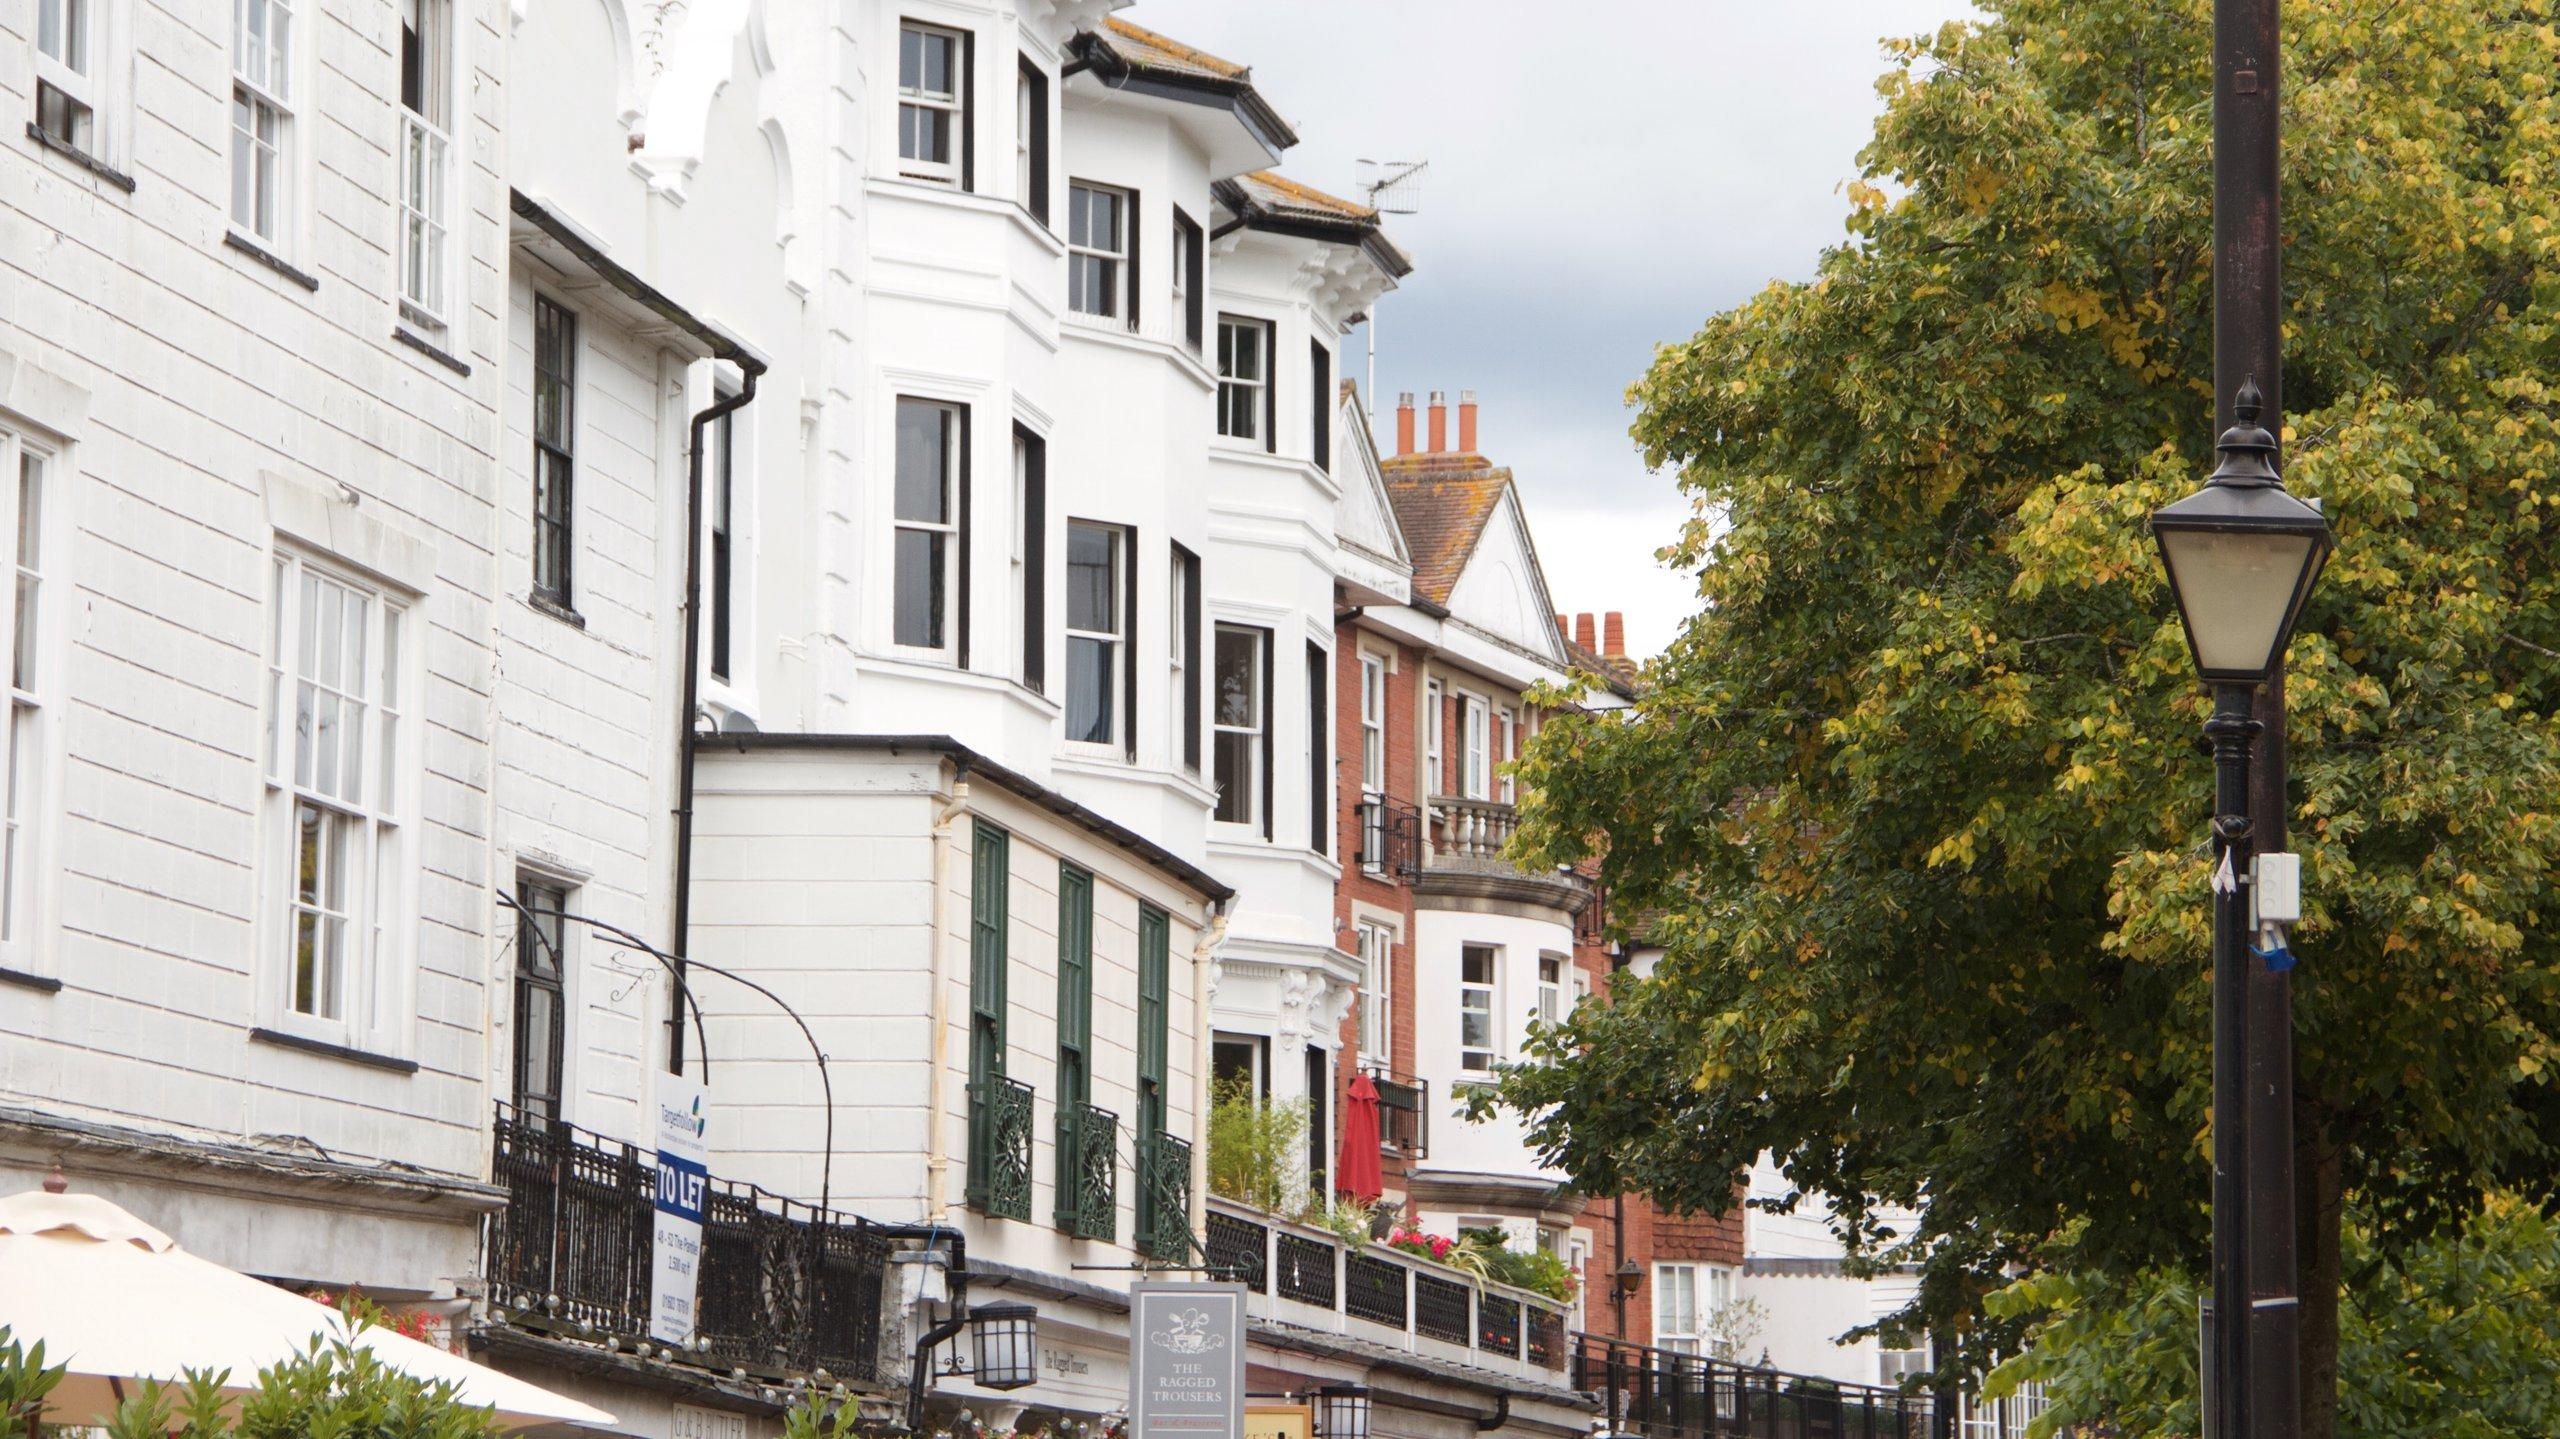 Wadhurst, England, United Kingdom